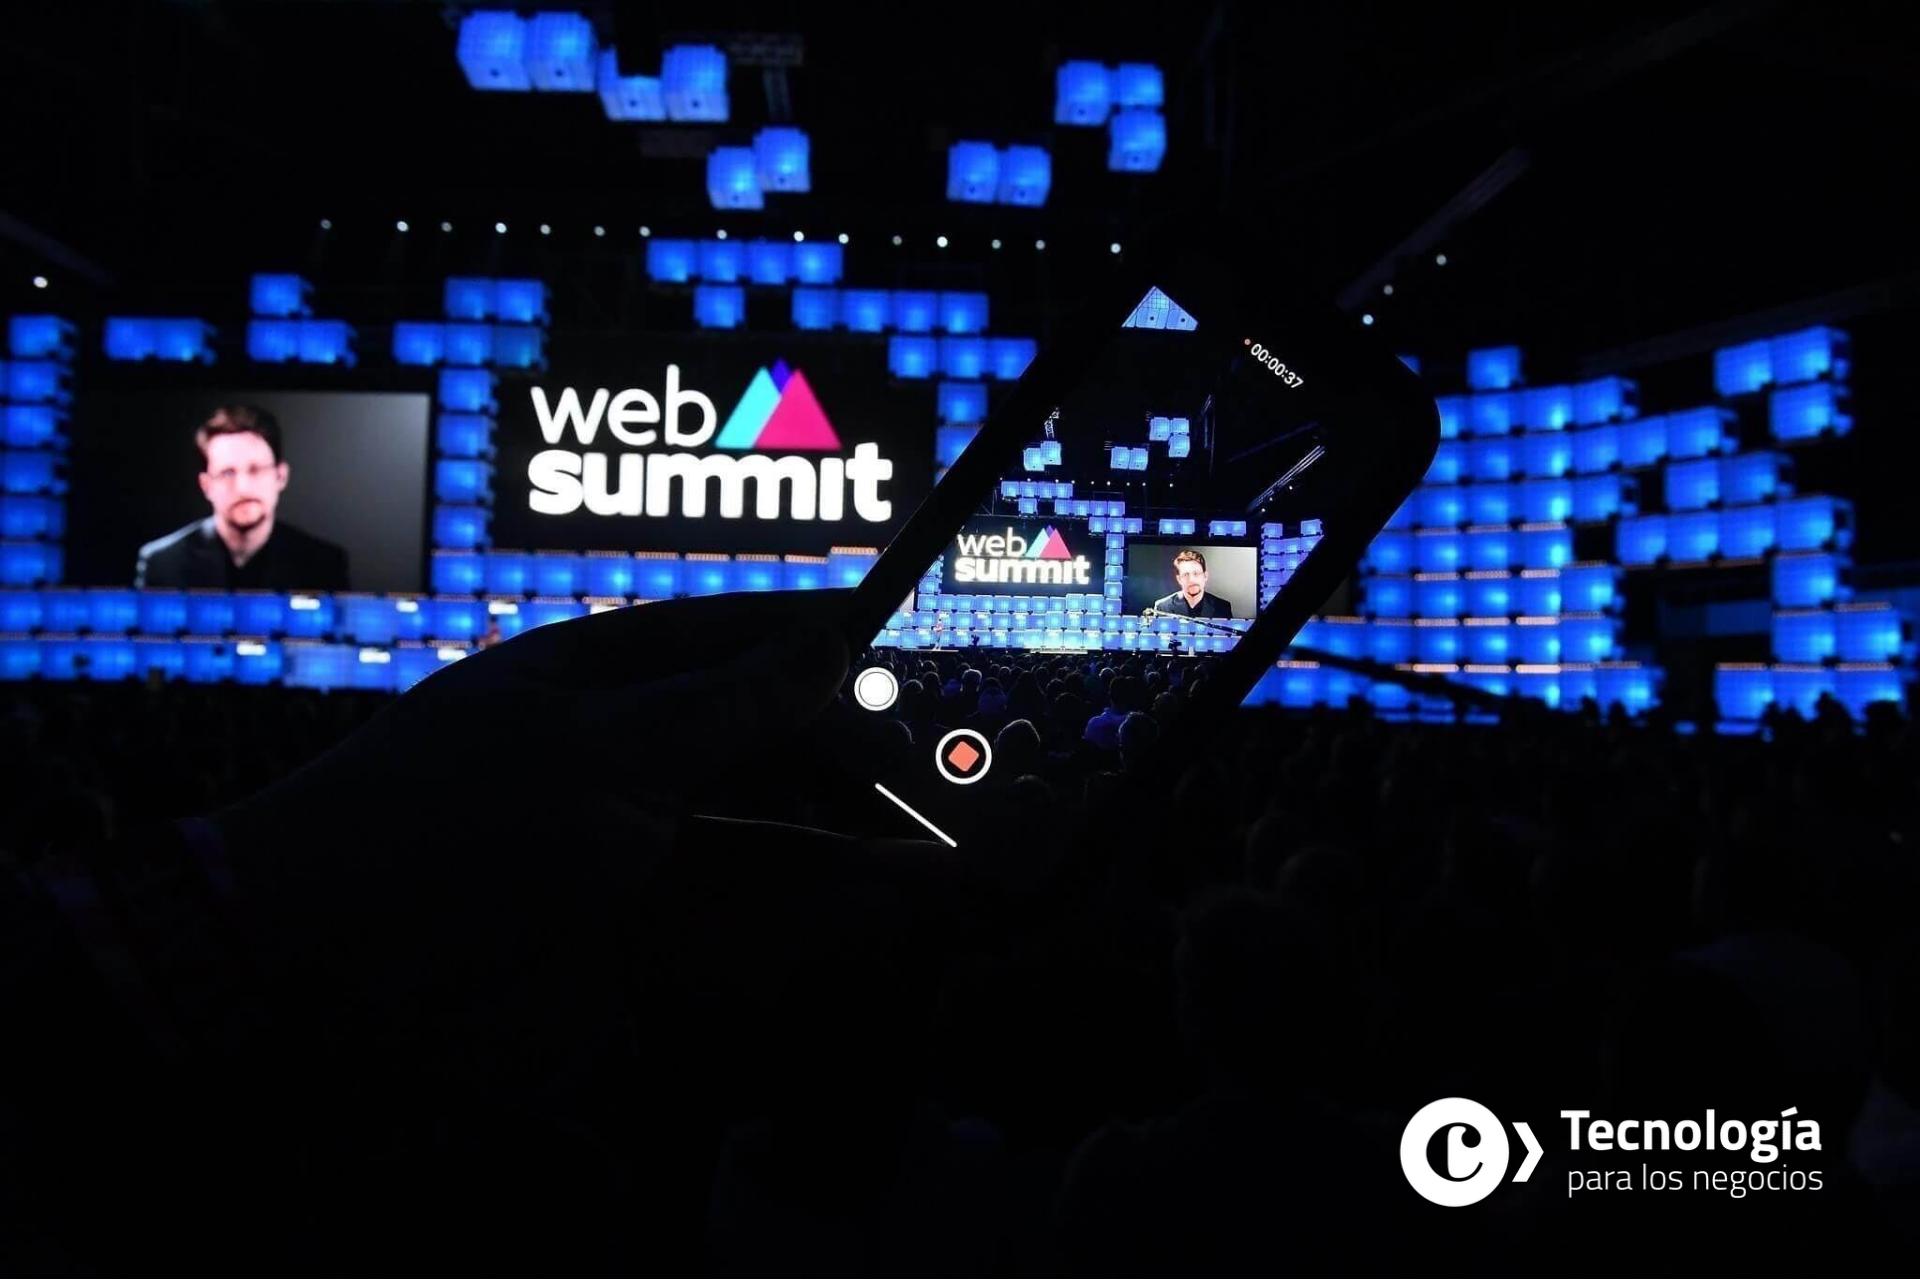 La Feria internacional WebSummit 2021 se celebrará en Lisboa del 1 al 4 de noviembre